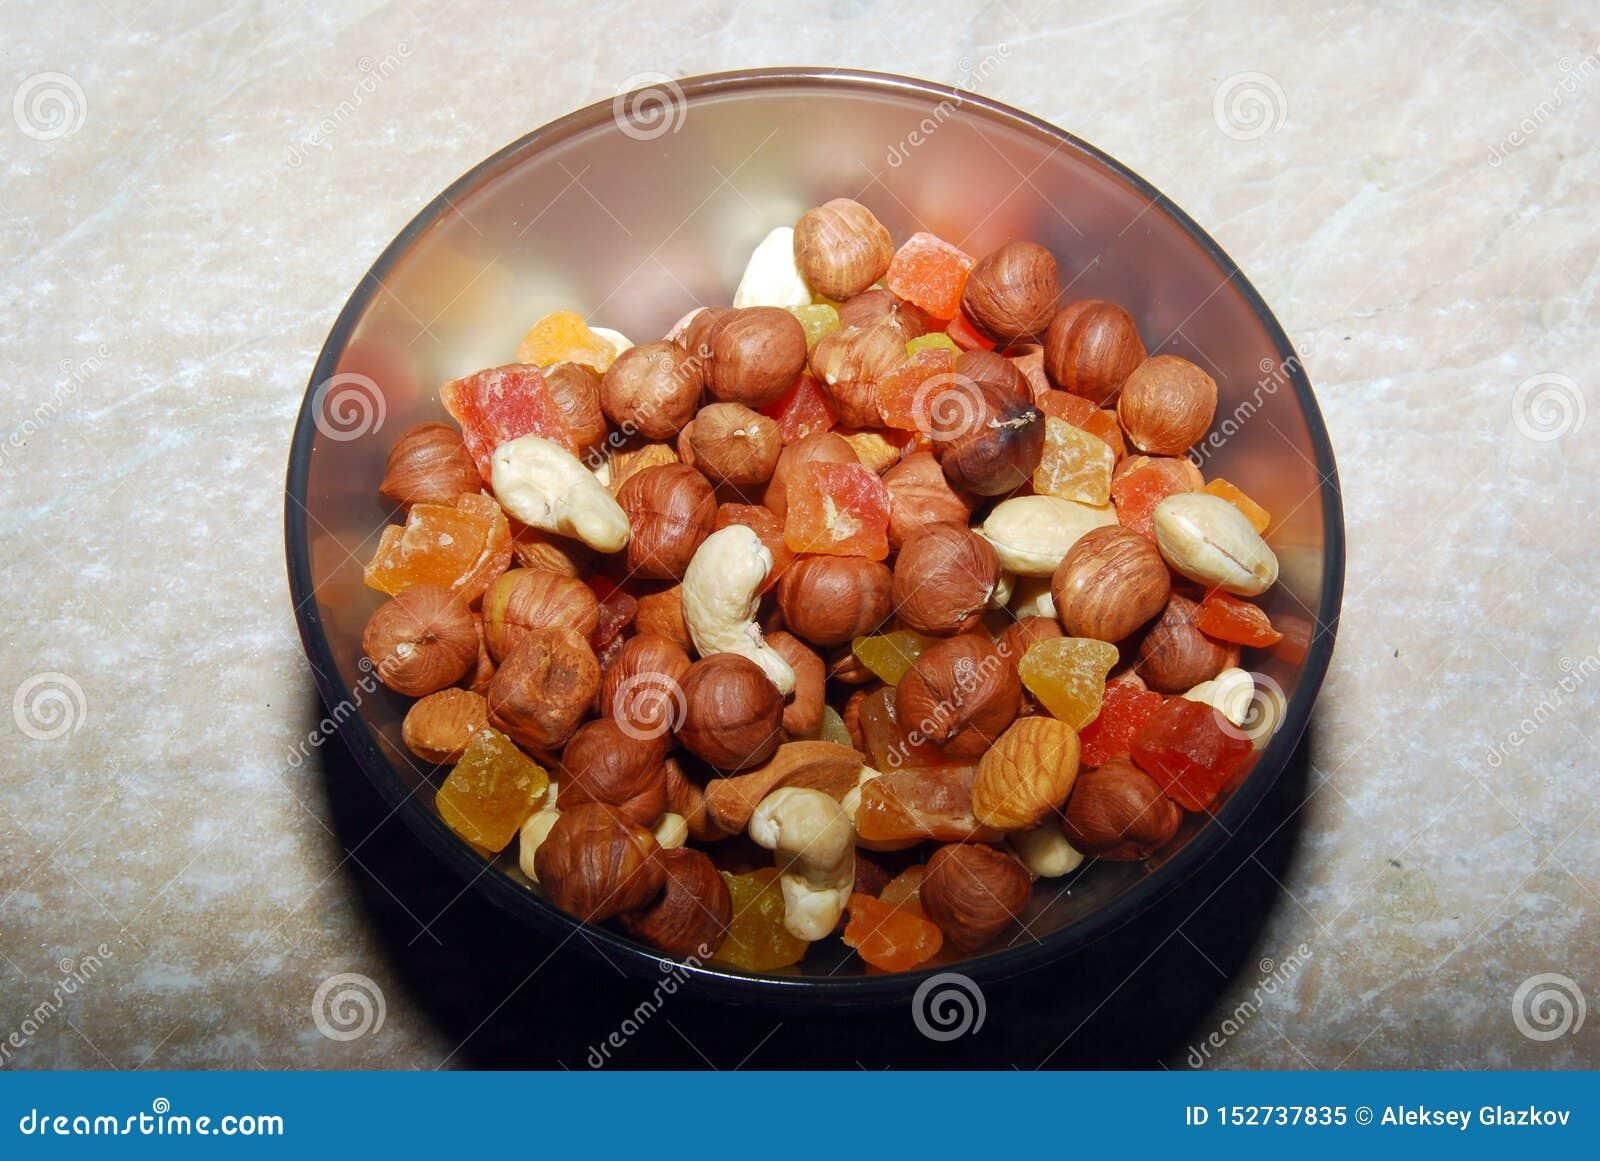 La mezcla de nueces y de la fruta escarchada